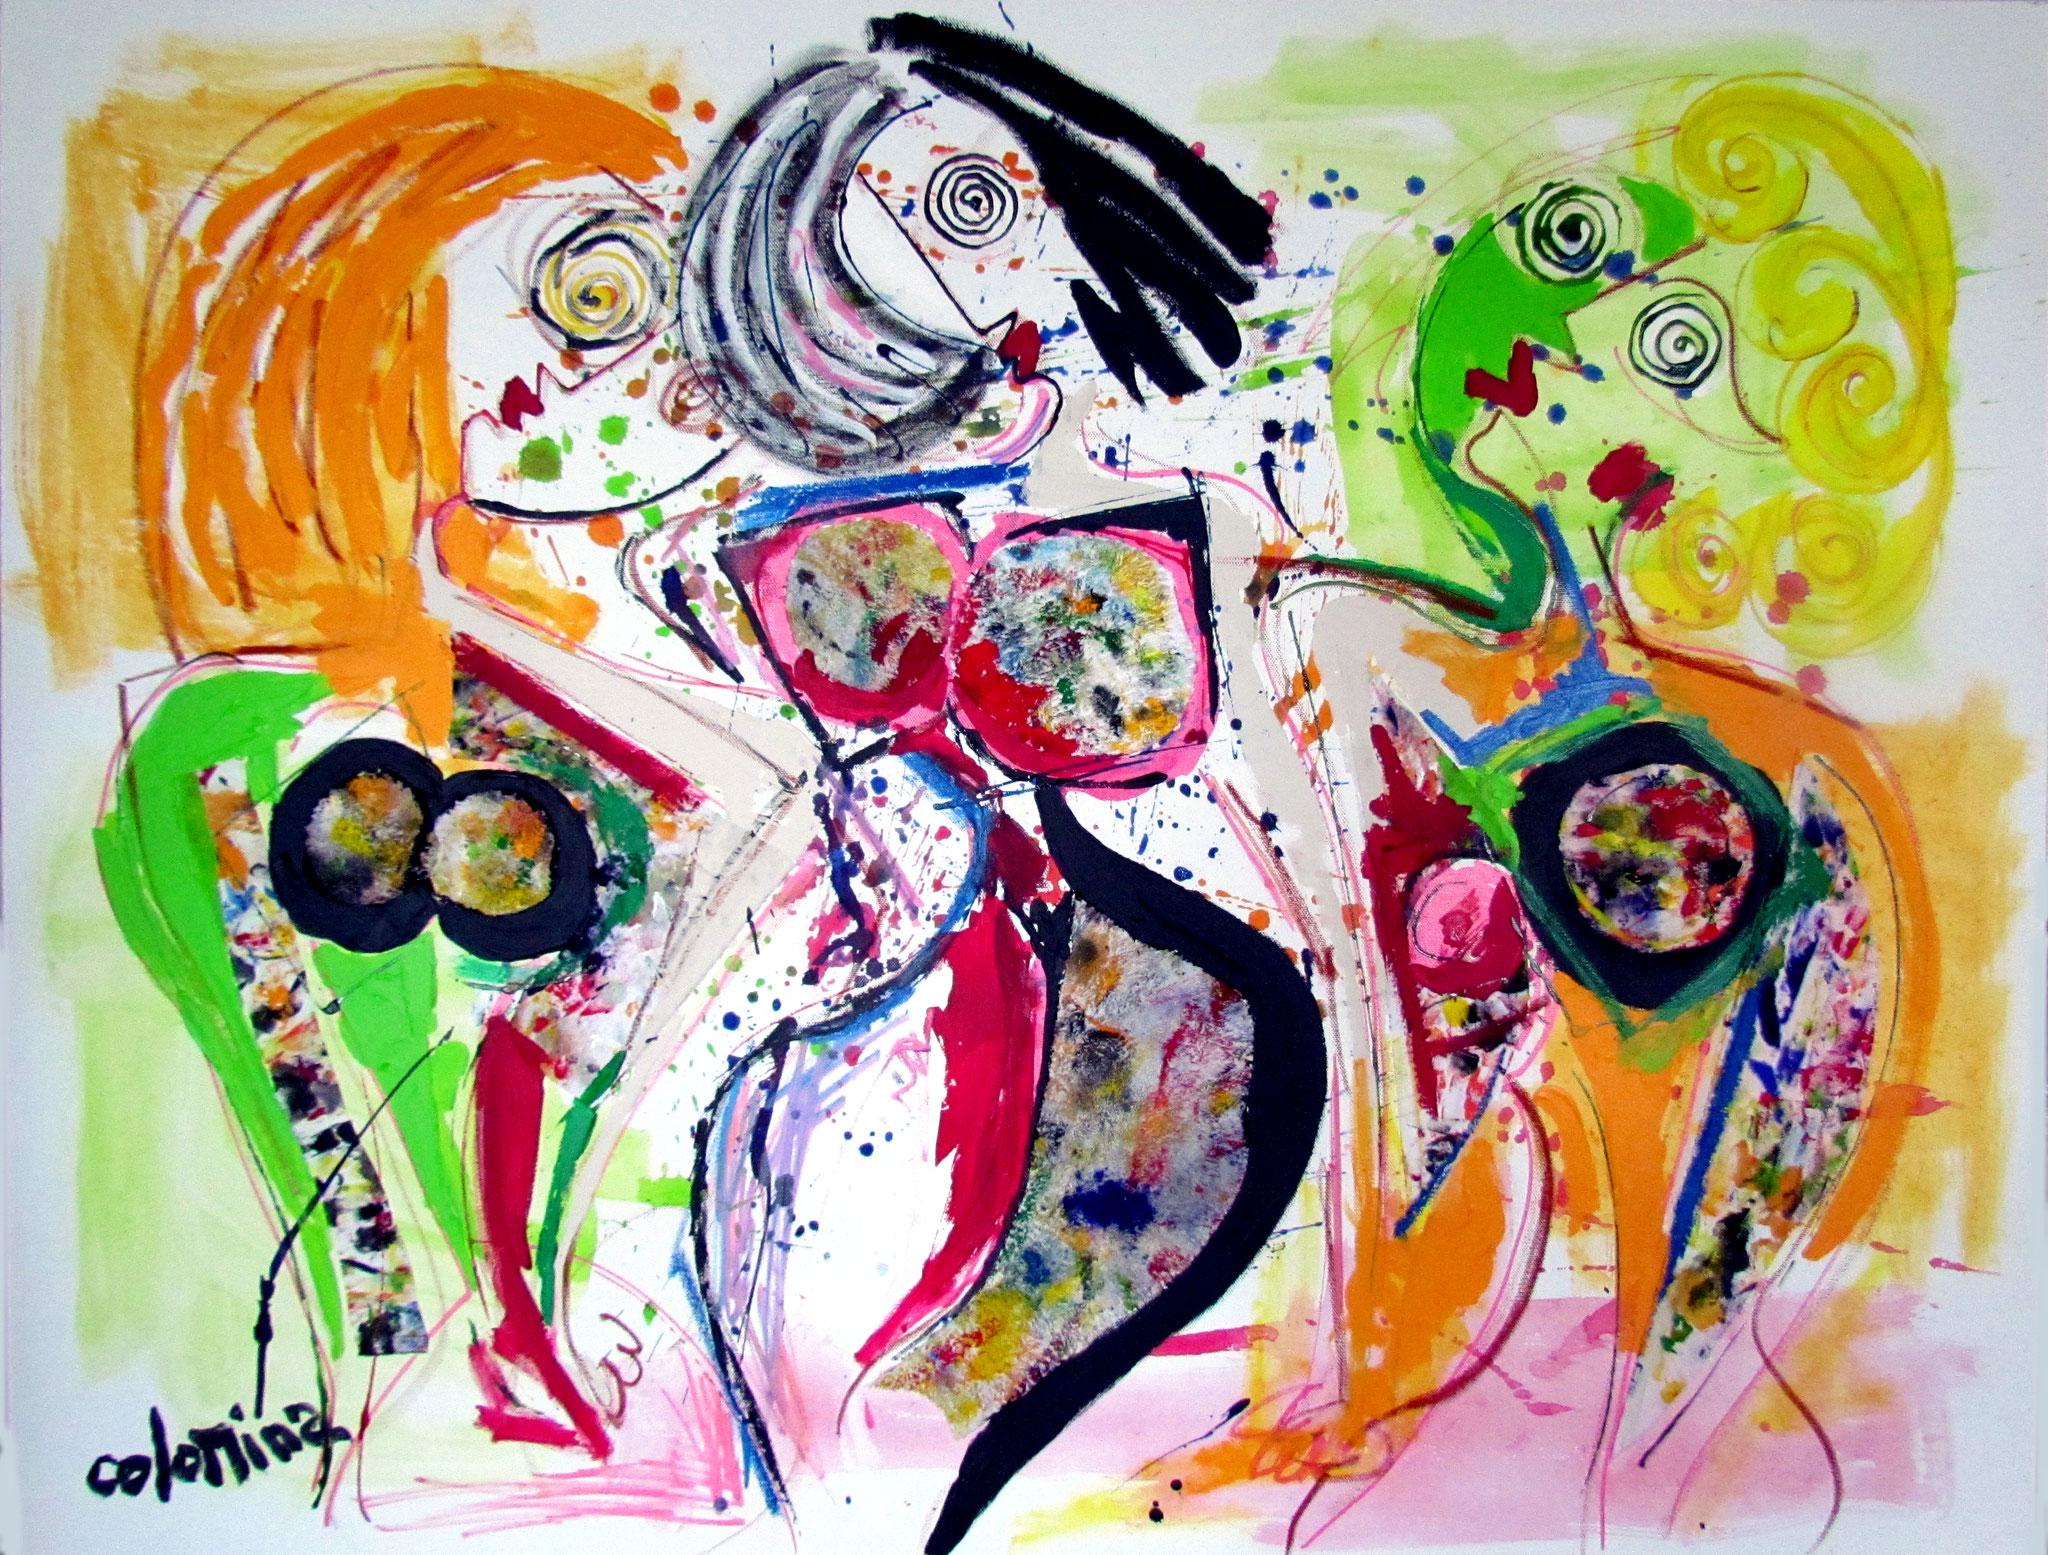 LES BAIGNEUSES - Dimensions : 116 x 89 cm